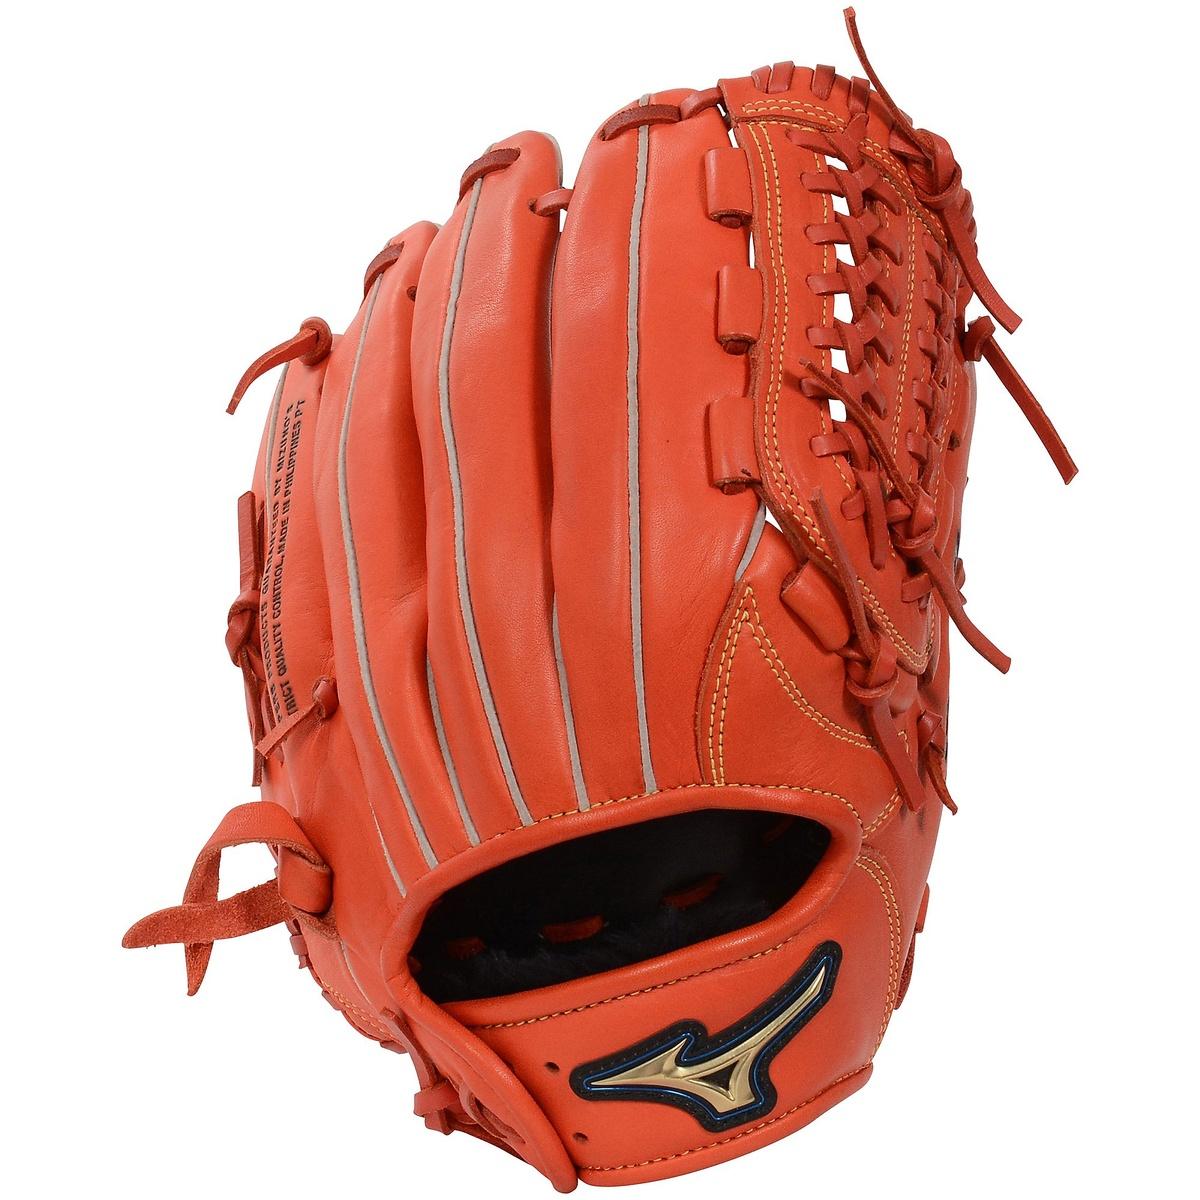 【送料無料】 MIZUNO (ミズノ) 野球 軟式グローブ一般 ナンシキNB セレクト9 メンズ スプレンディッドオレンジ 1AJGR20823 52